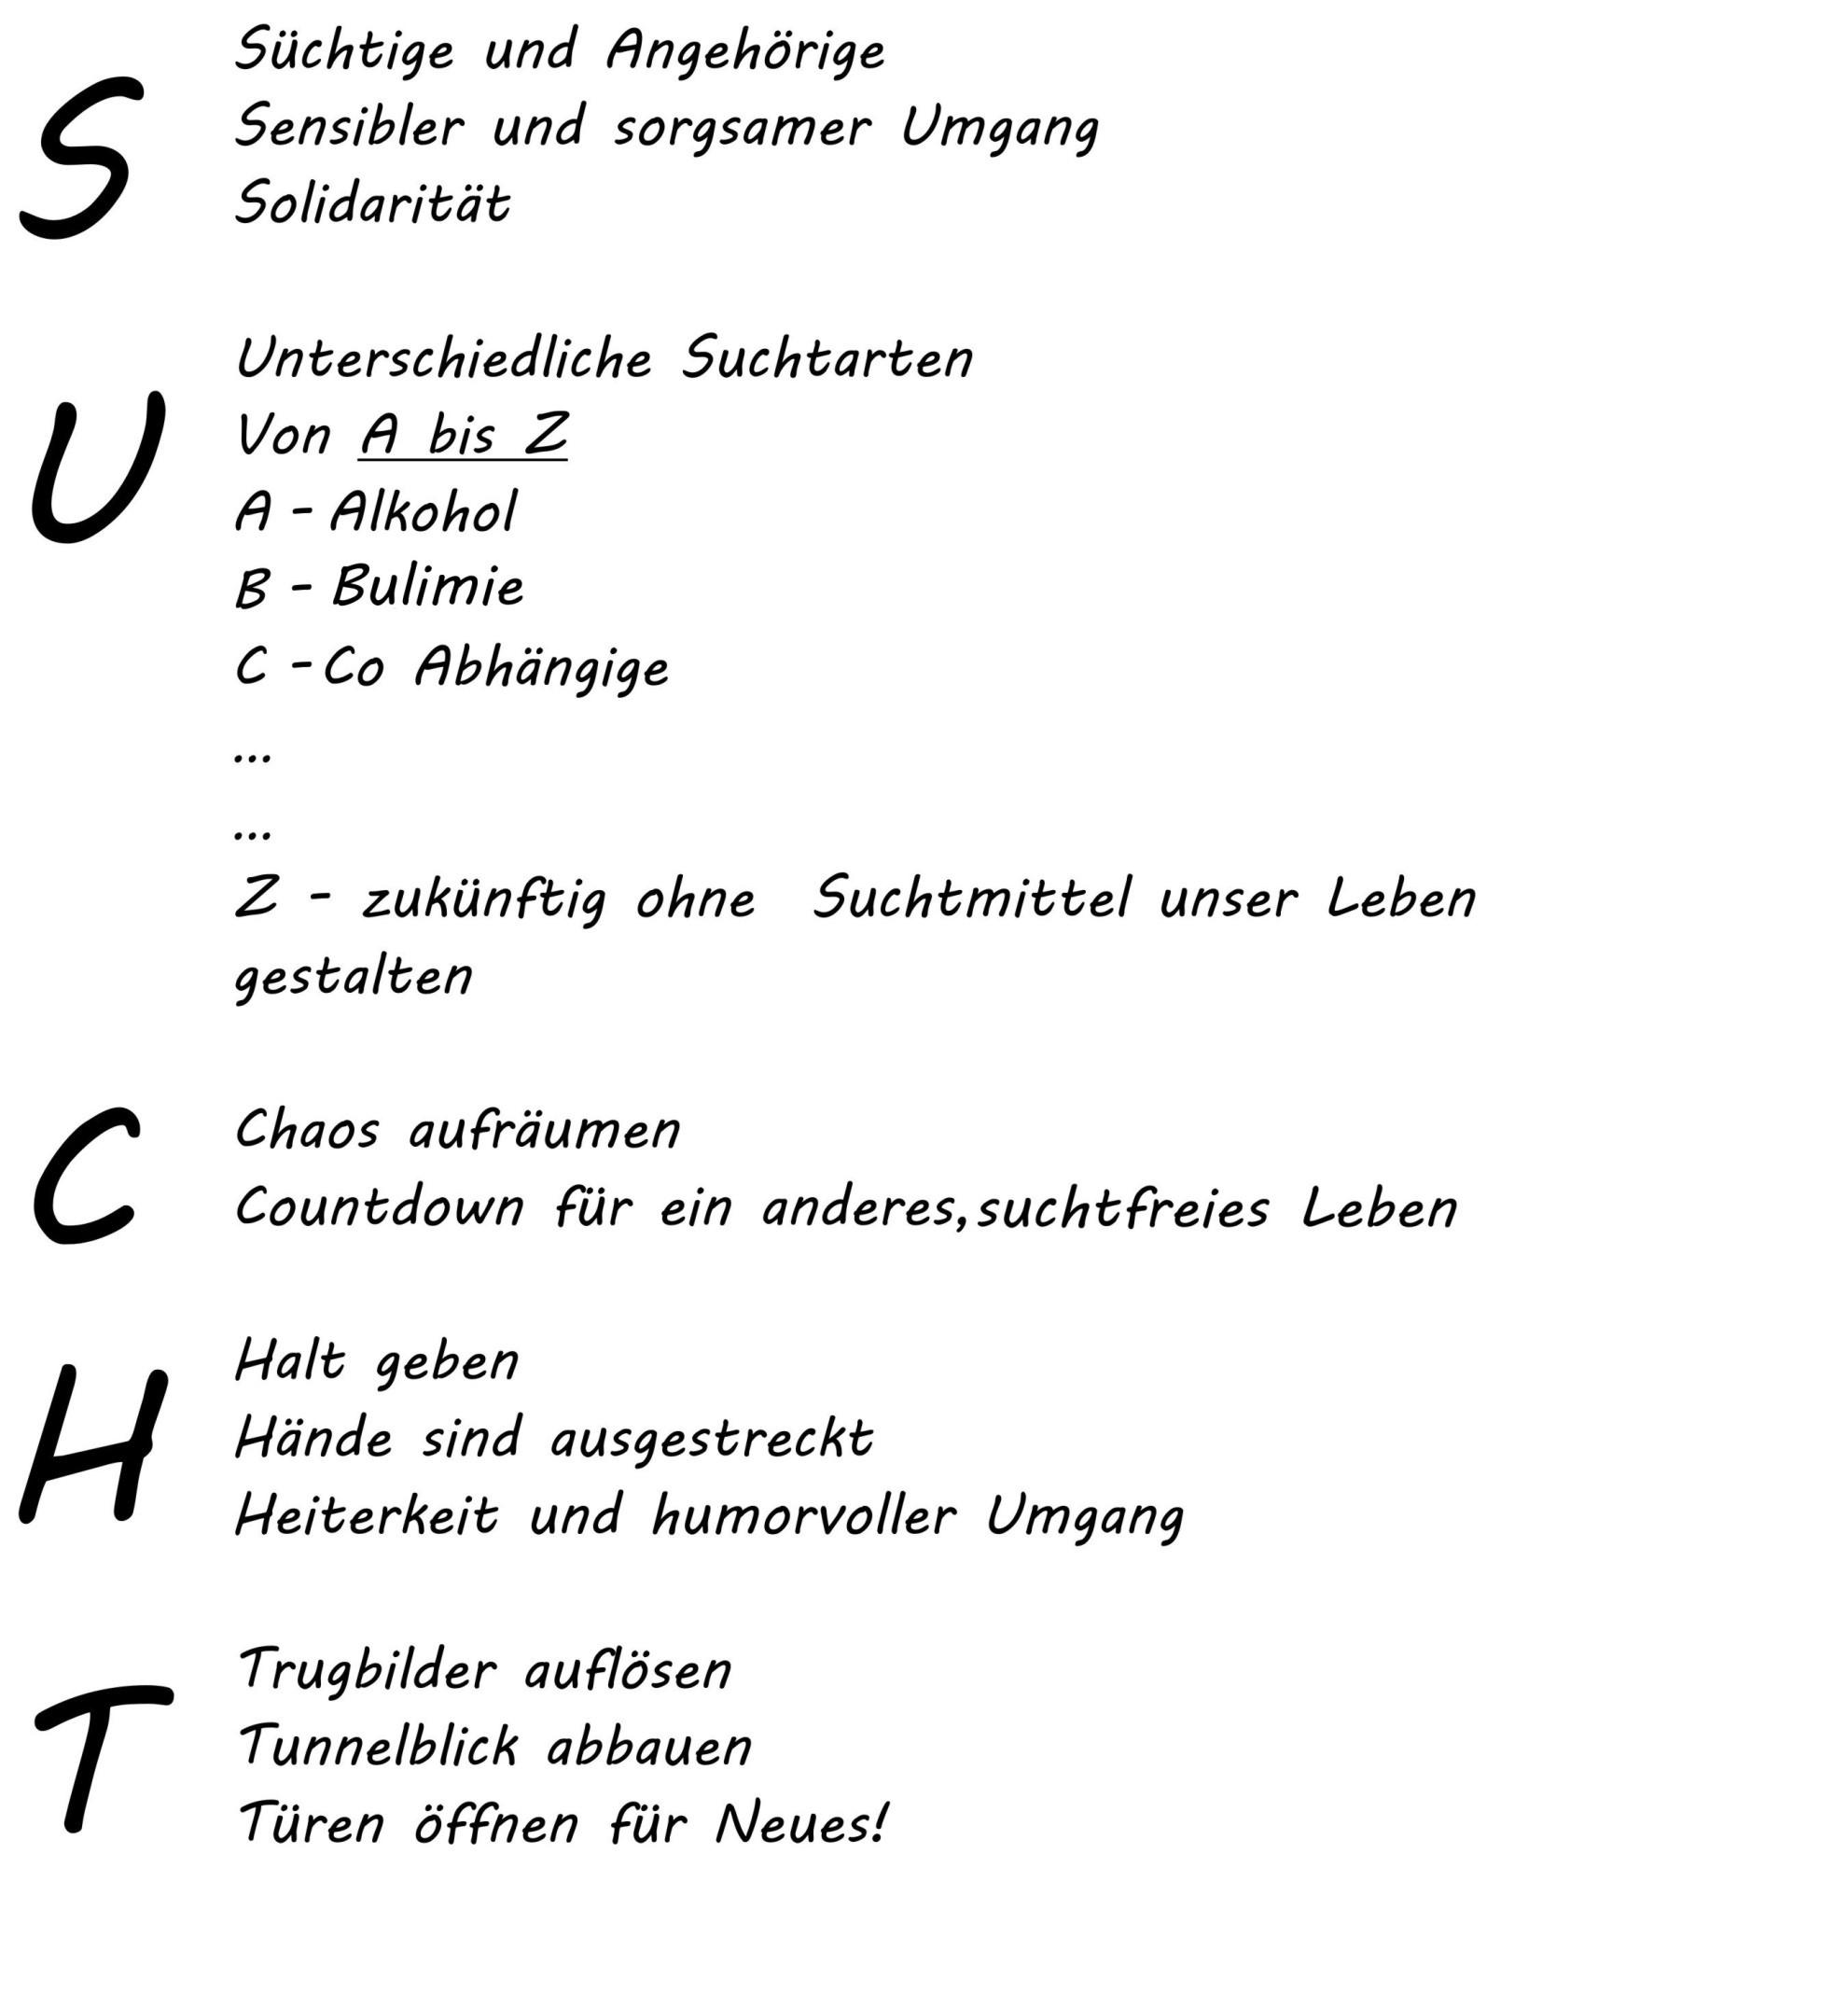 Frauenselbsthilfegruppe Text Sucht   Suchtberatung Sigmaringen